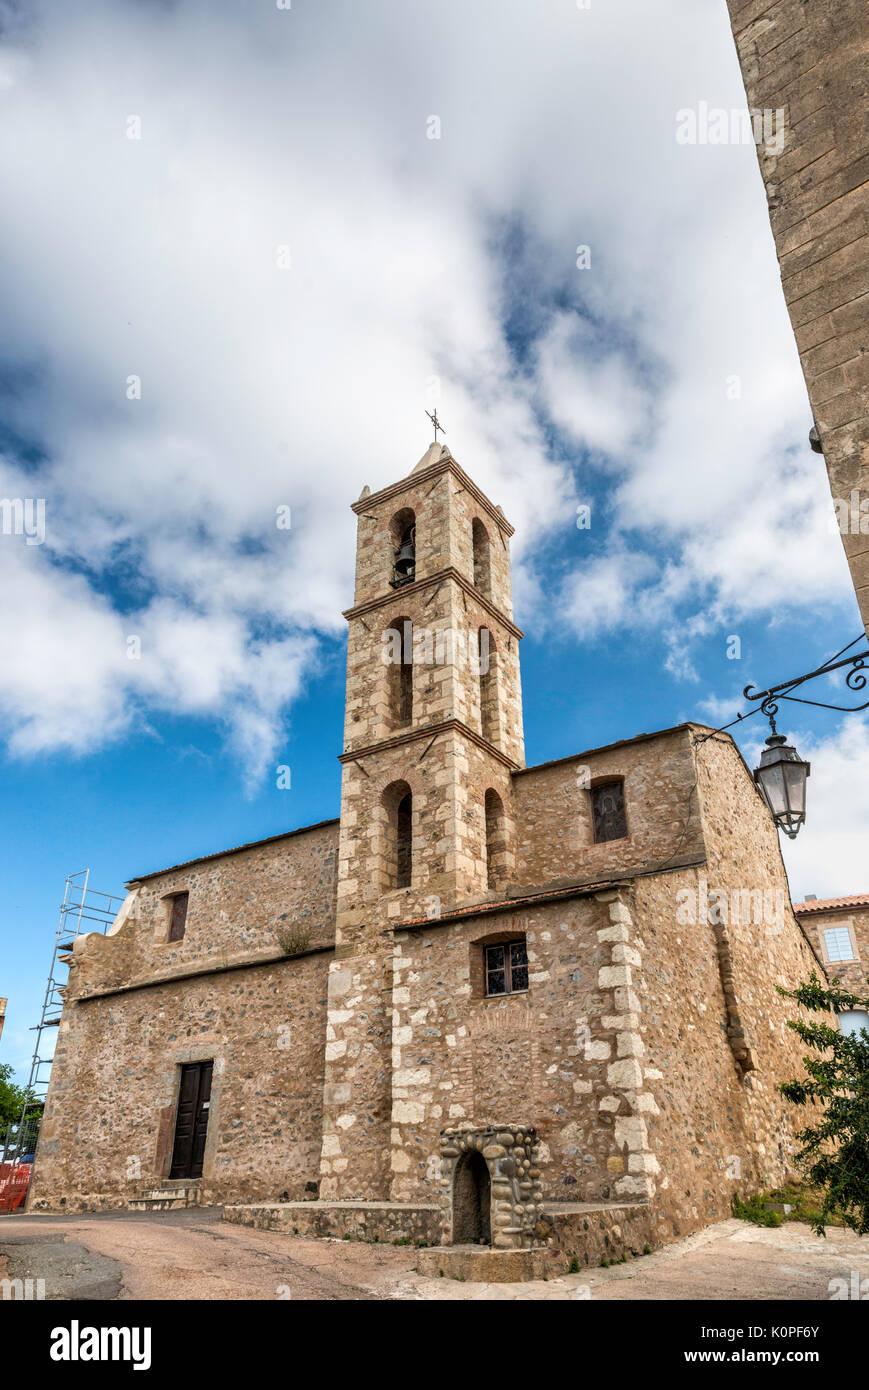 Chiesa St-Marcel nelle vicinanze del Fort de la Matra in Aleria, Corsica, Francia Immagini Stock